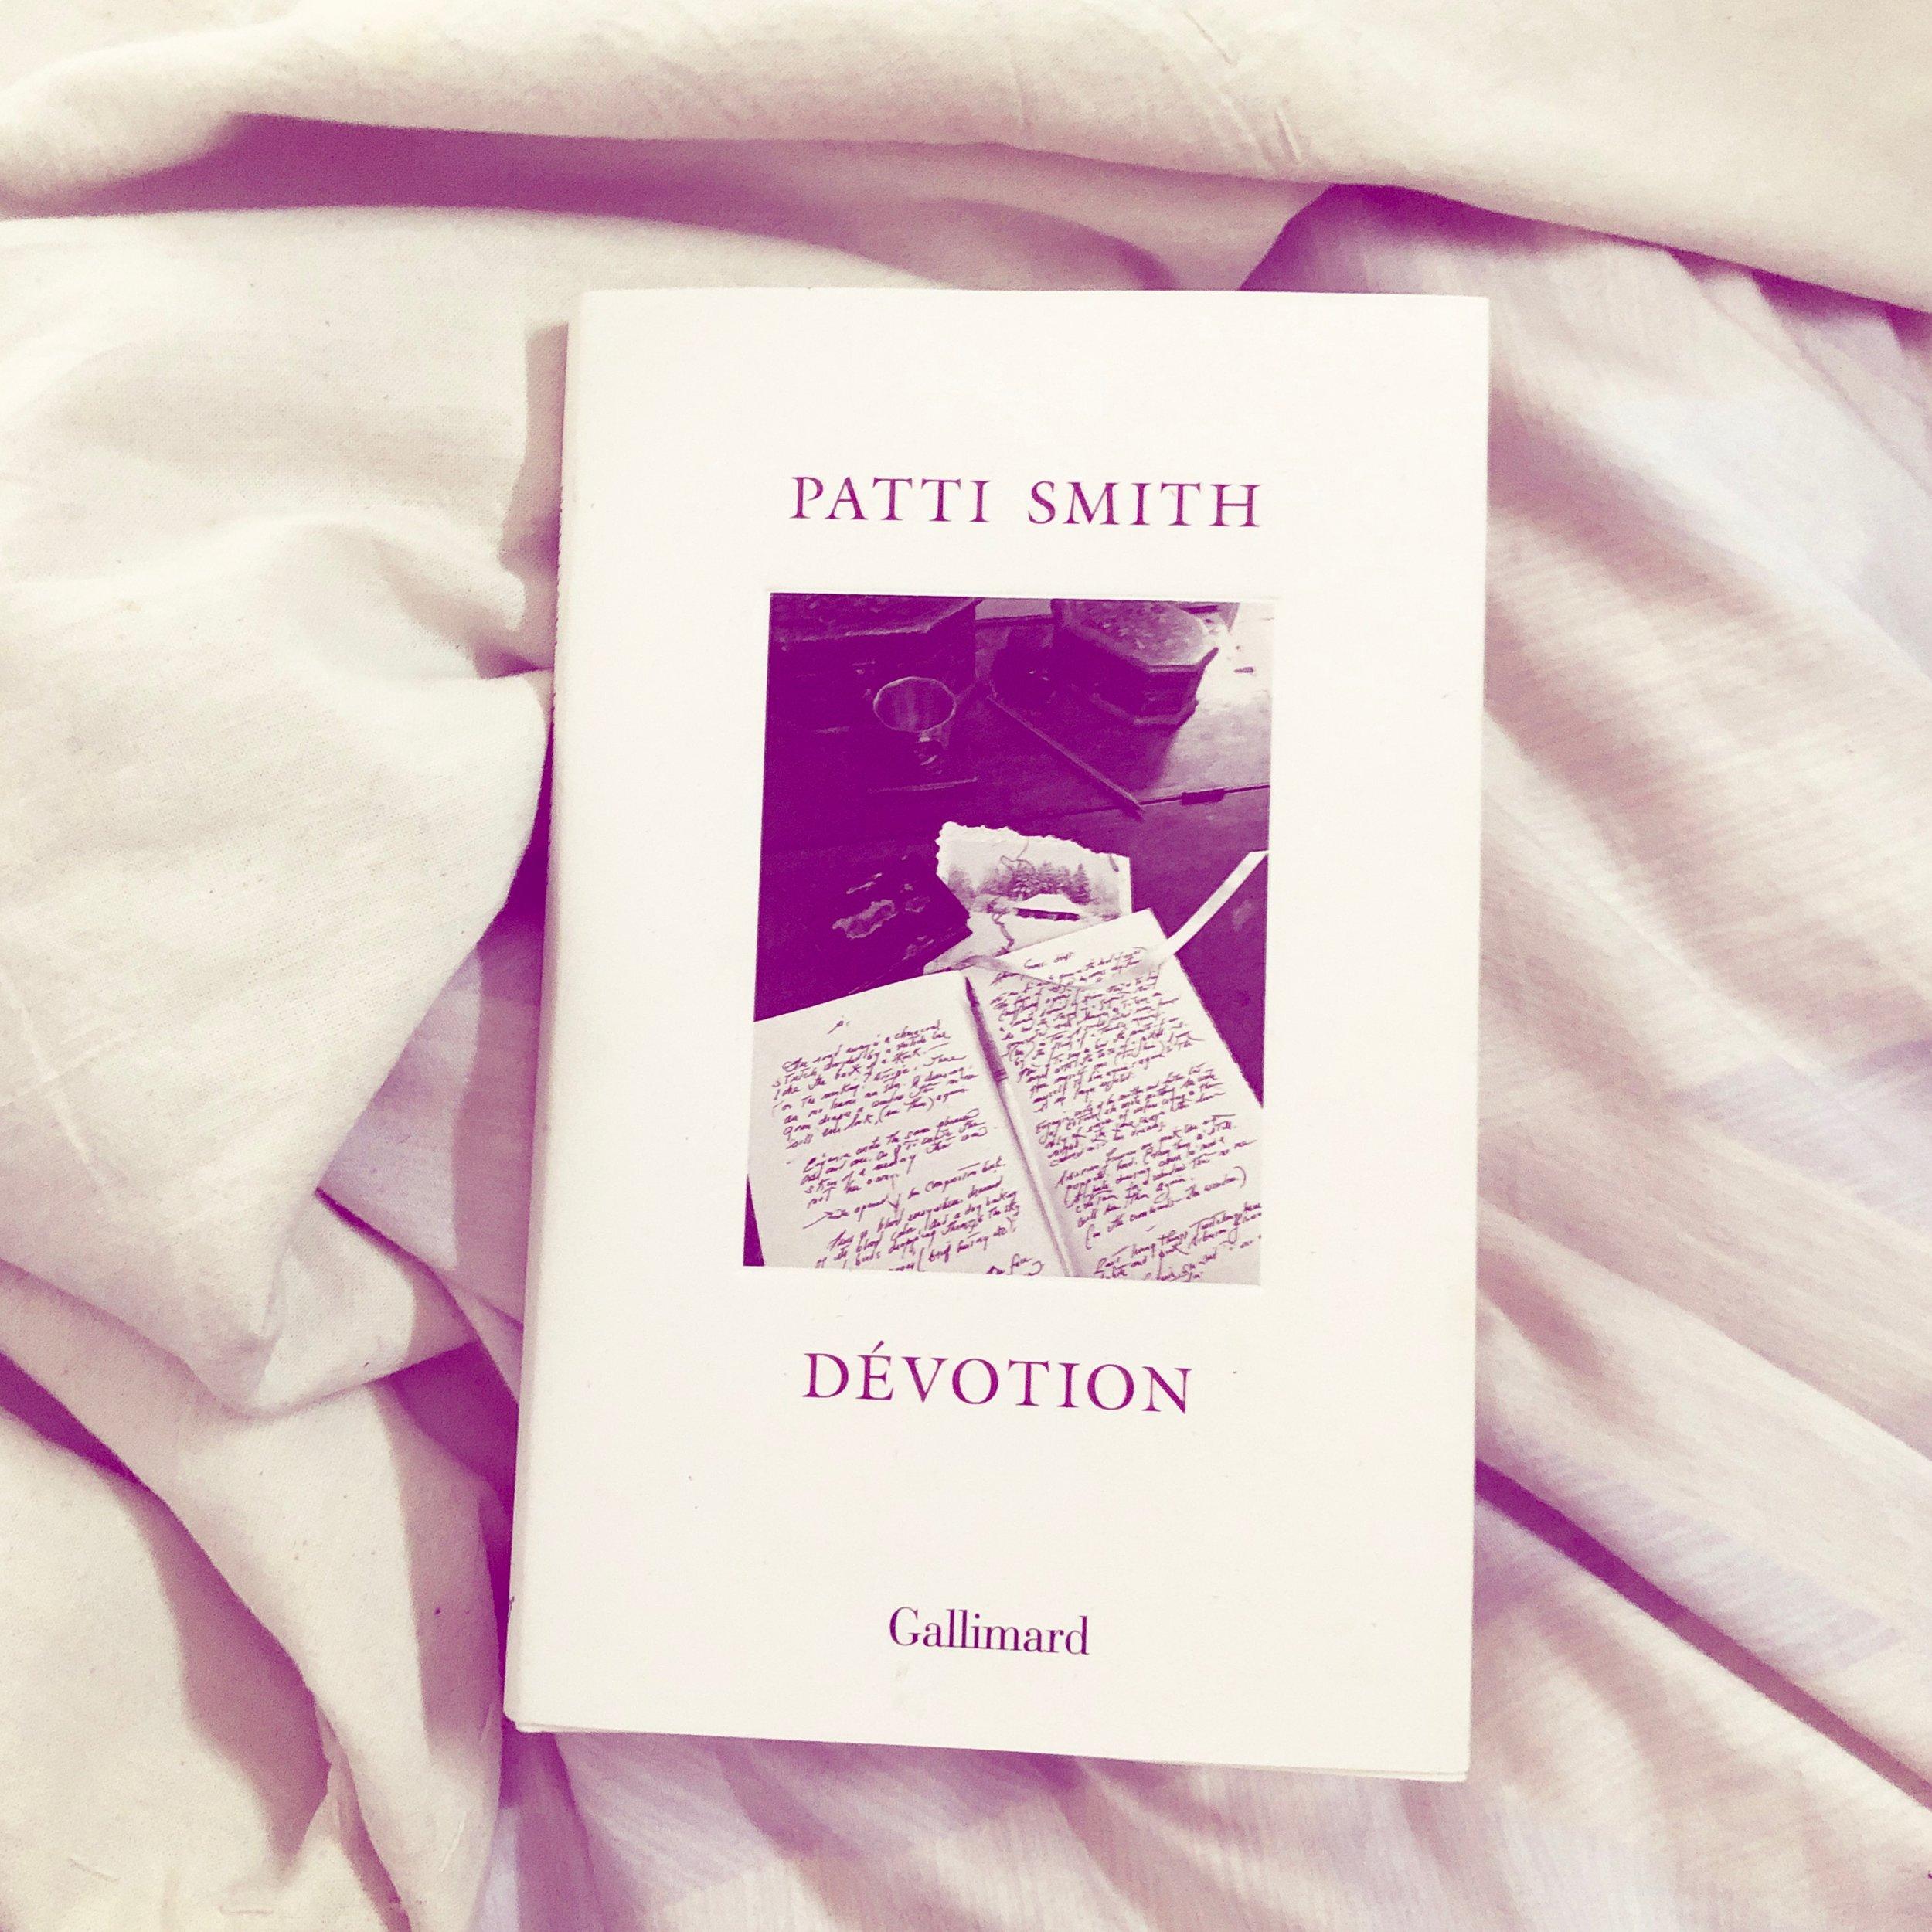 devotion_patti_smith.jpg